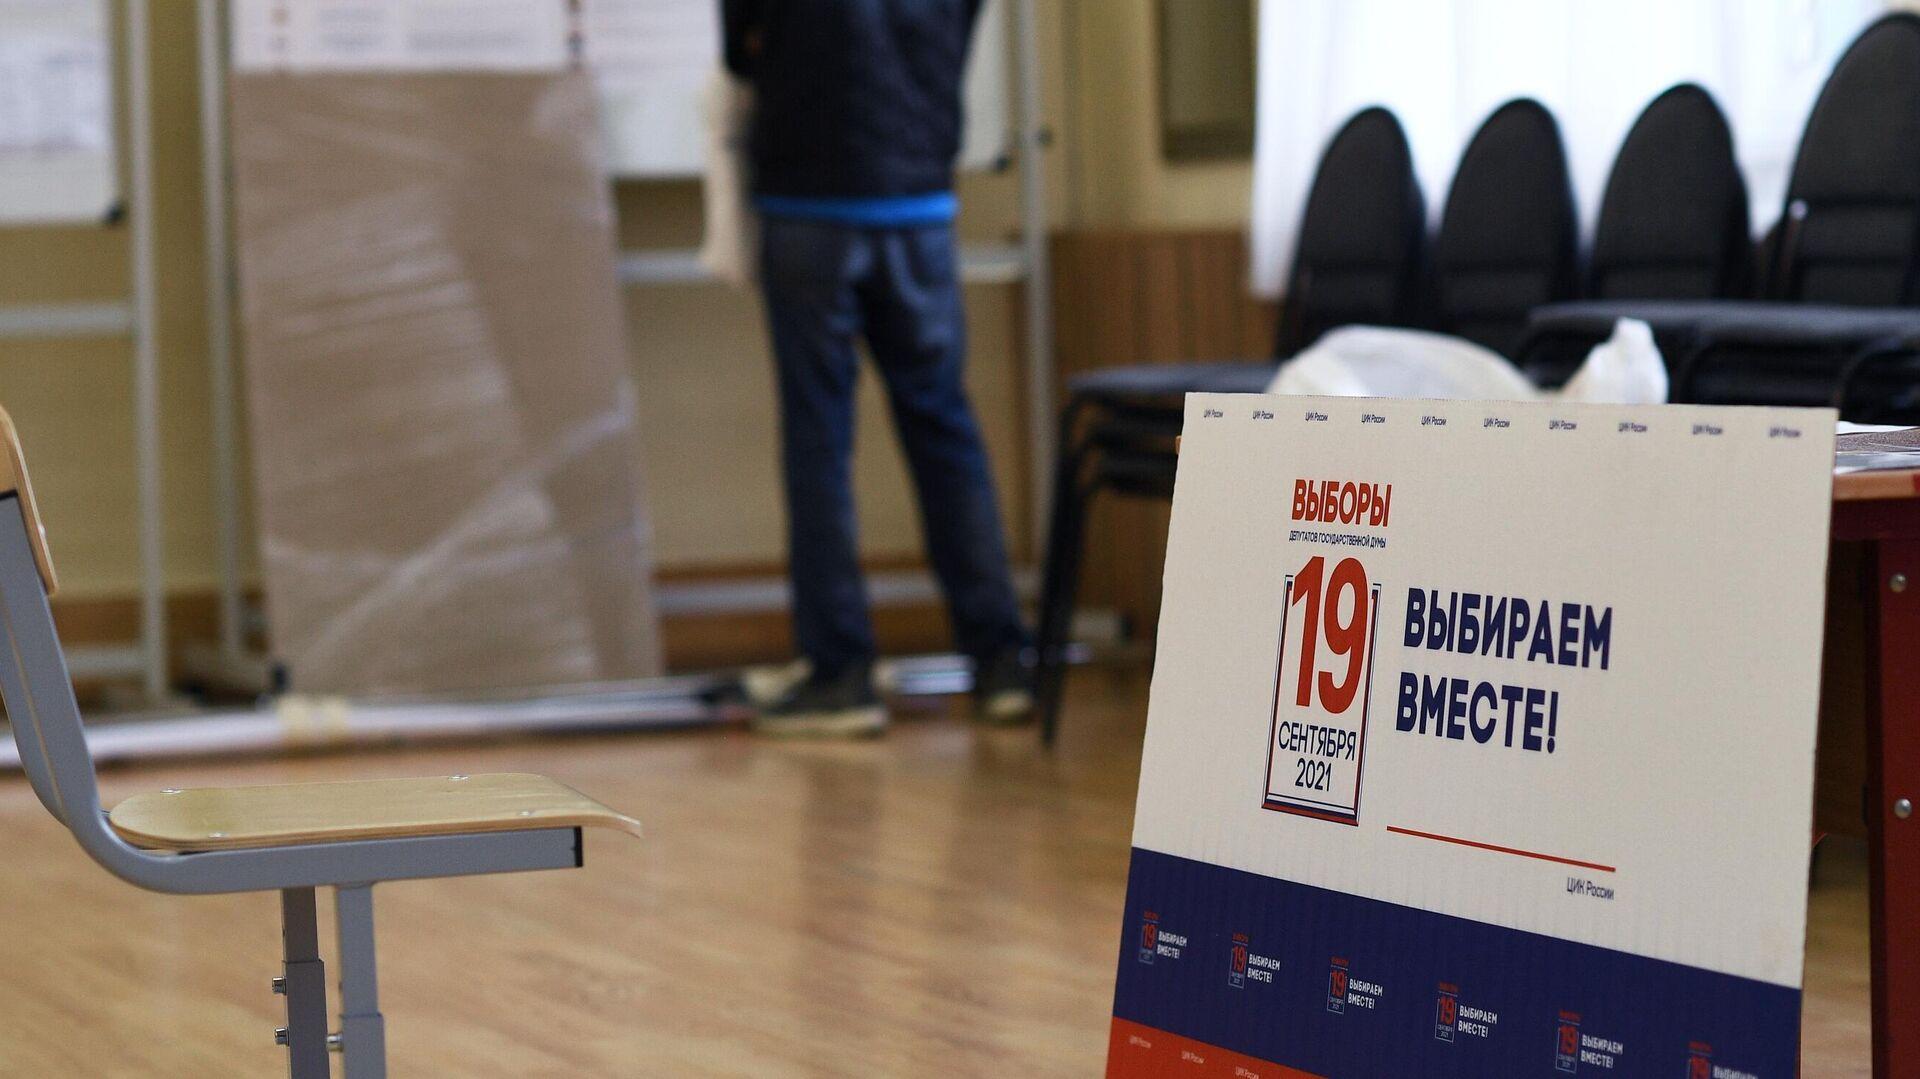 1750378338 188:564:2827:2048 1920x0 80 0 0 4becac4e0ea662e25de909da1c55936c - В Амурской области, Забайкальском крае и Якутии открылись участки для голосования